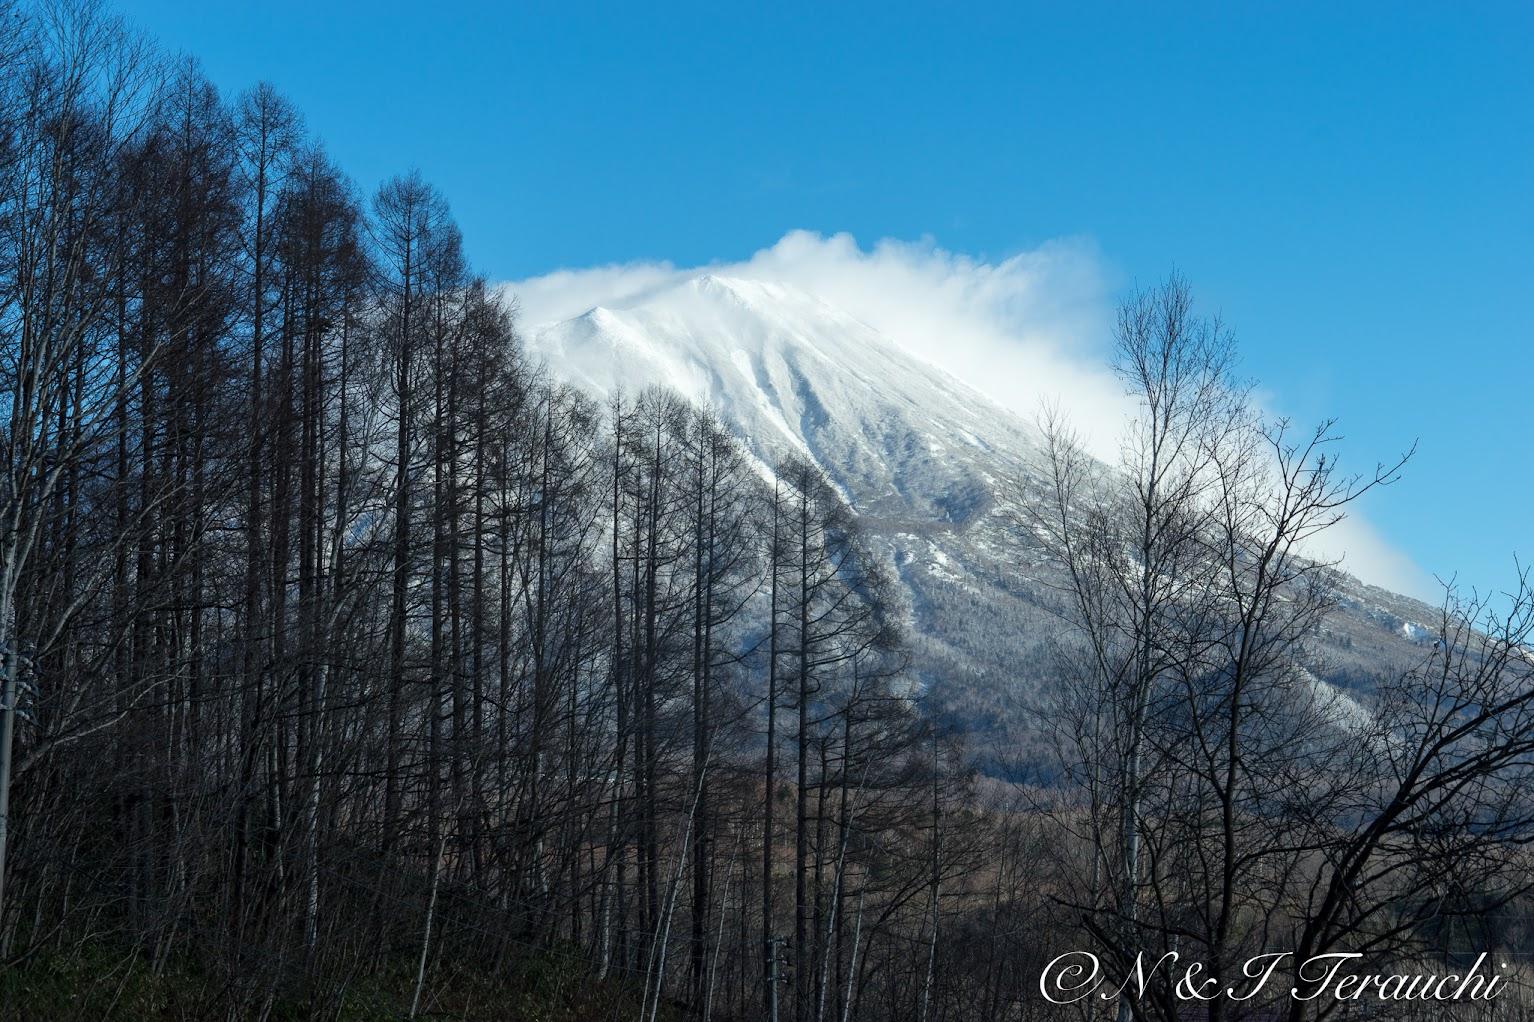 ほんのりと雪化粧をした優美な羊蹄山